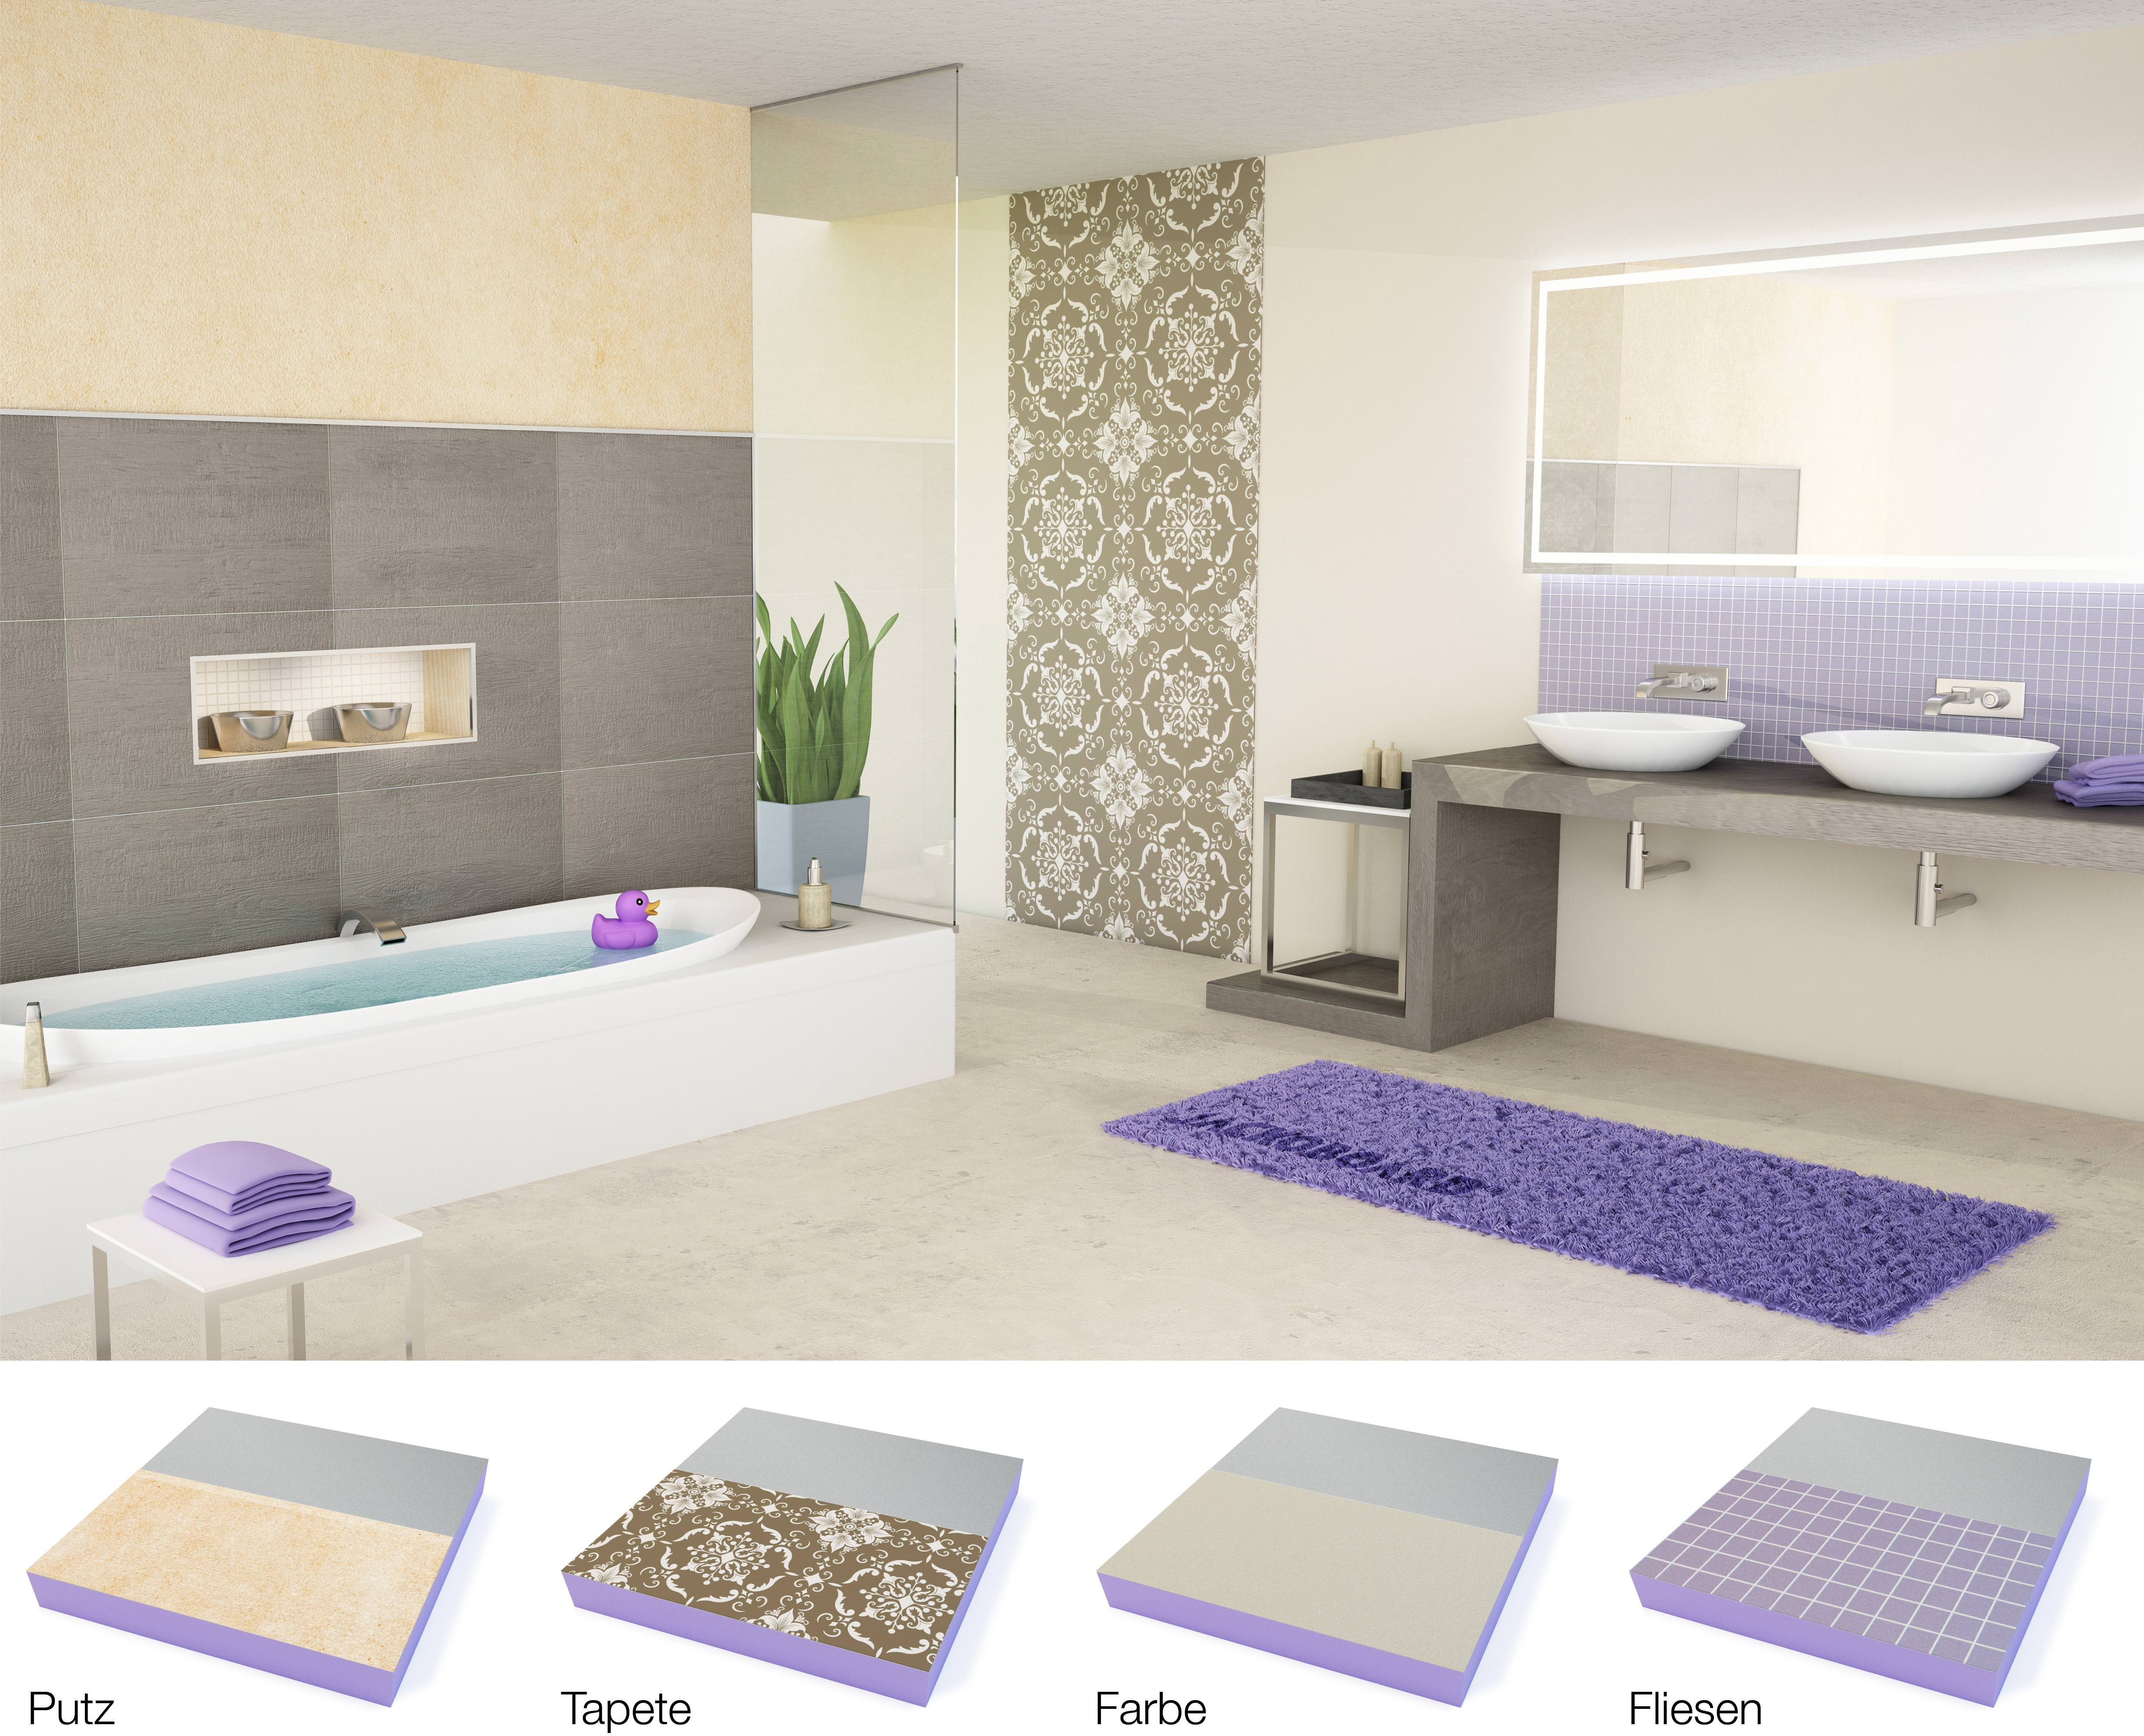 badsanierung mit beschichteten jackoboard plano premium-bauplatten